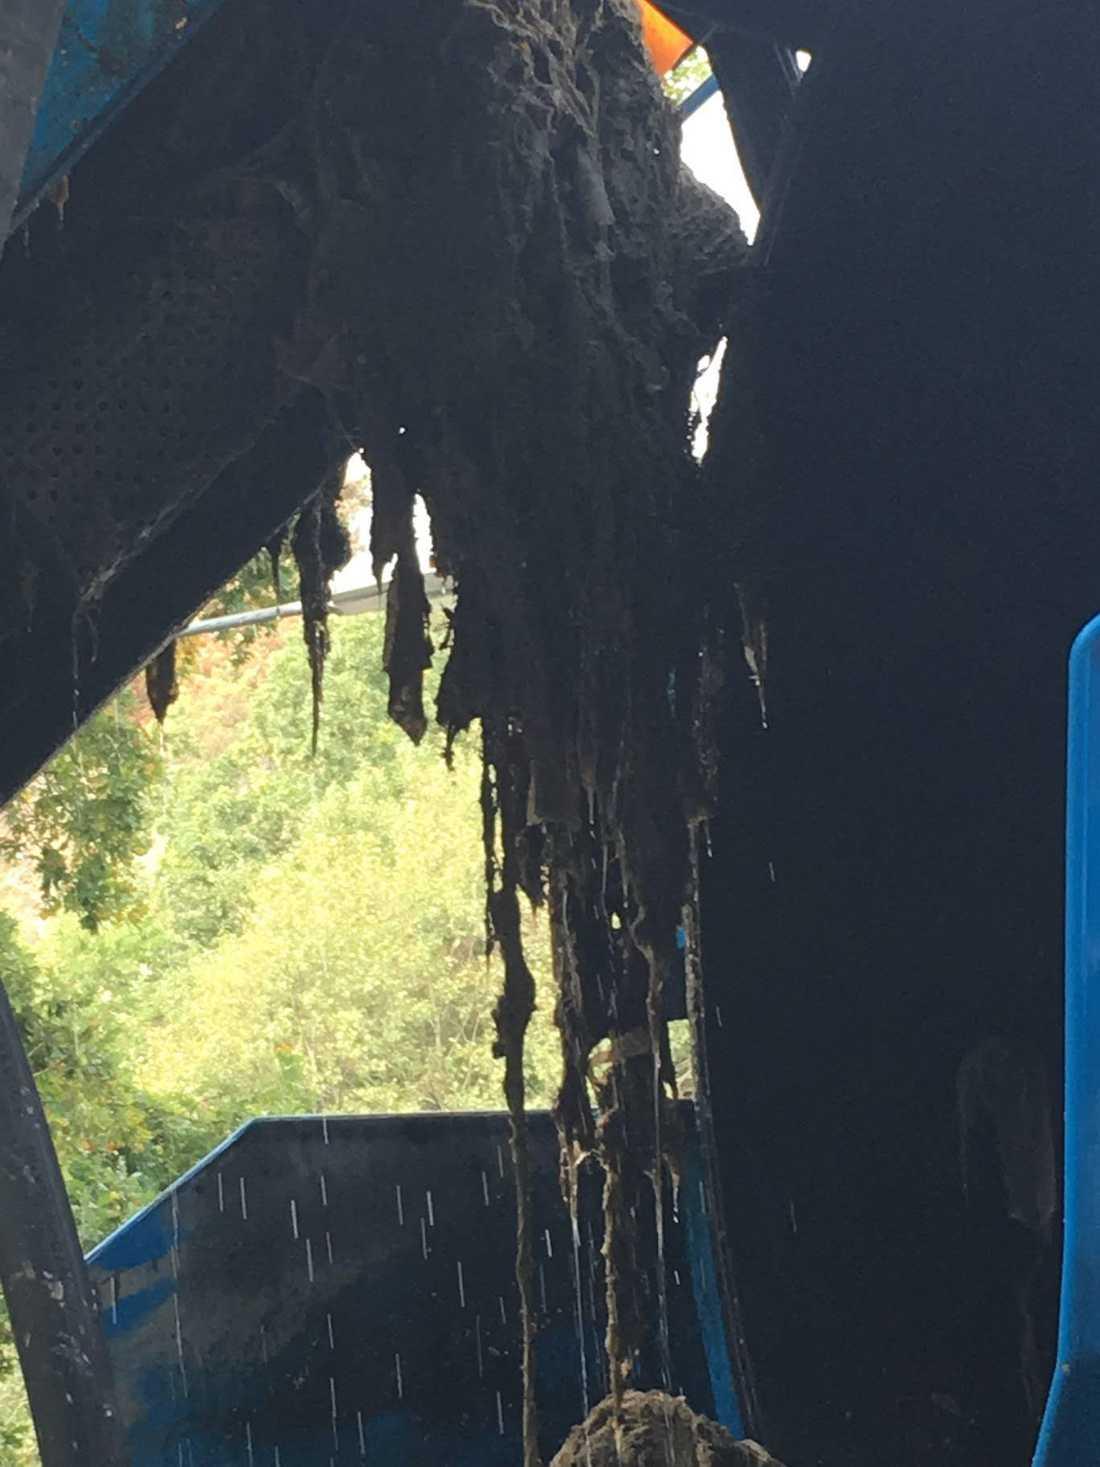 Pumpstationer måste rensas från felaktigt nedspolat skräp varje vecka, enligt Kungsbacka kommun.